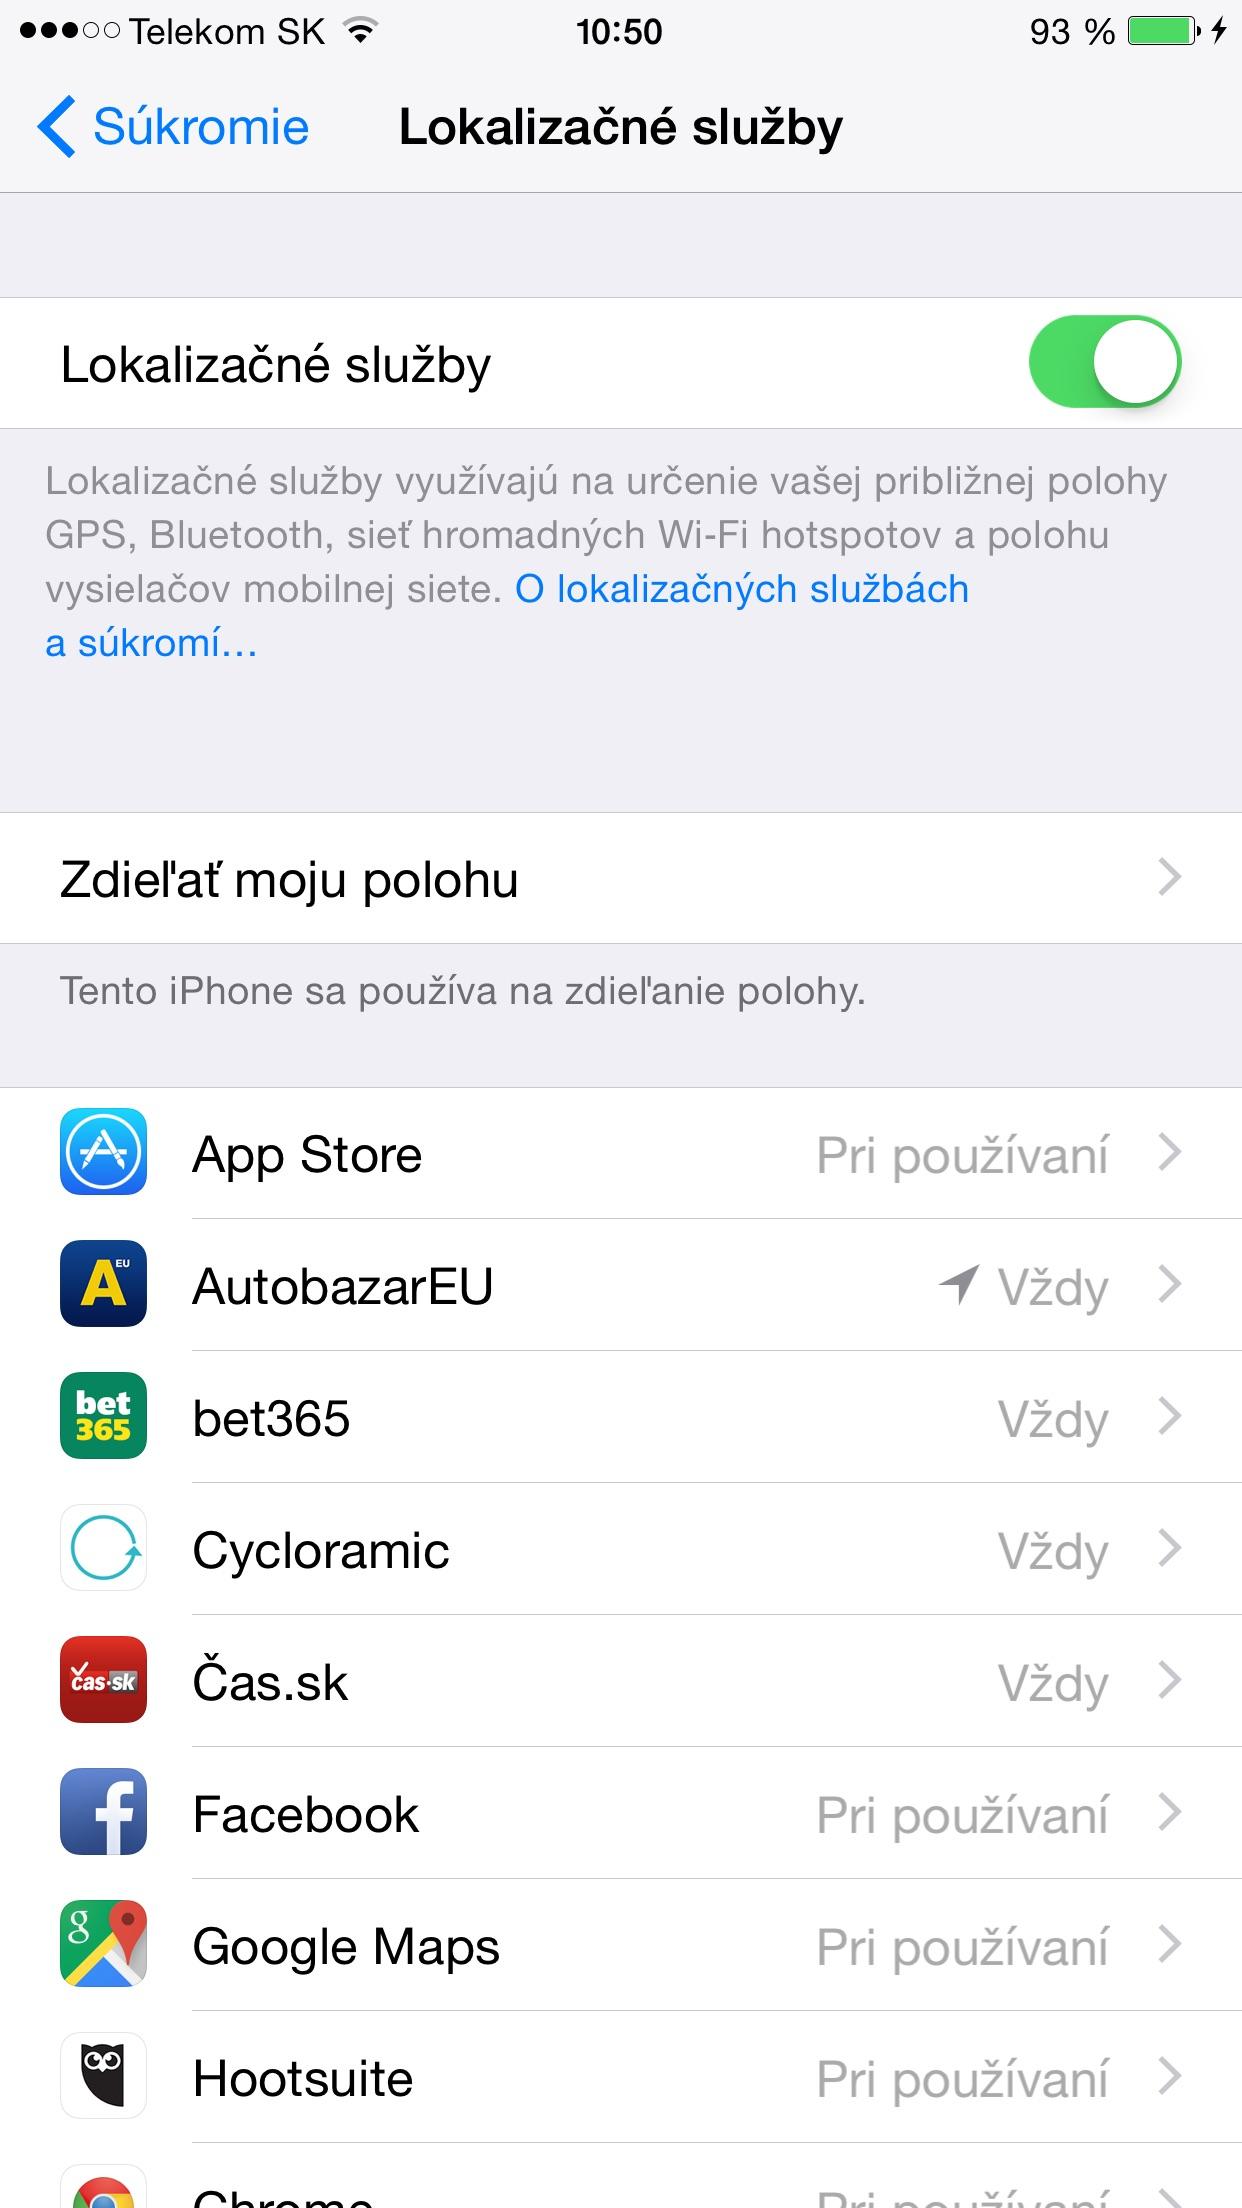 Lokalizačné služby - svetapple.sk